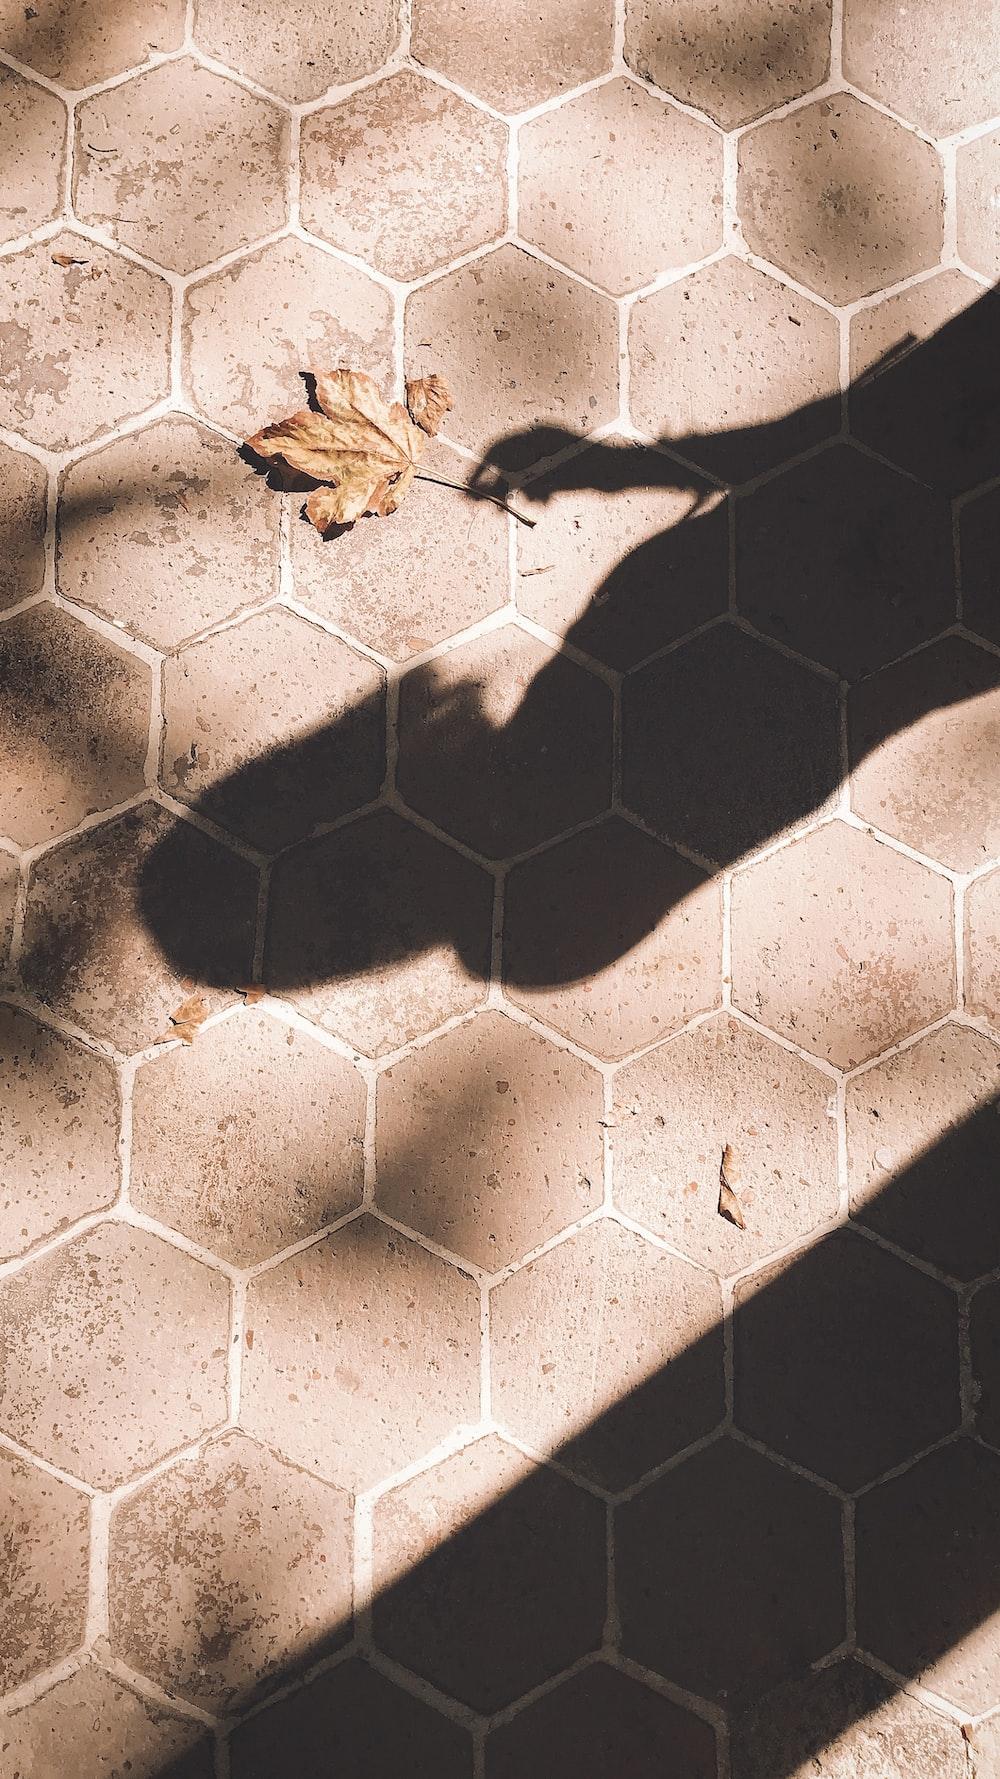 brown leaf on brick pathway